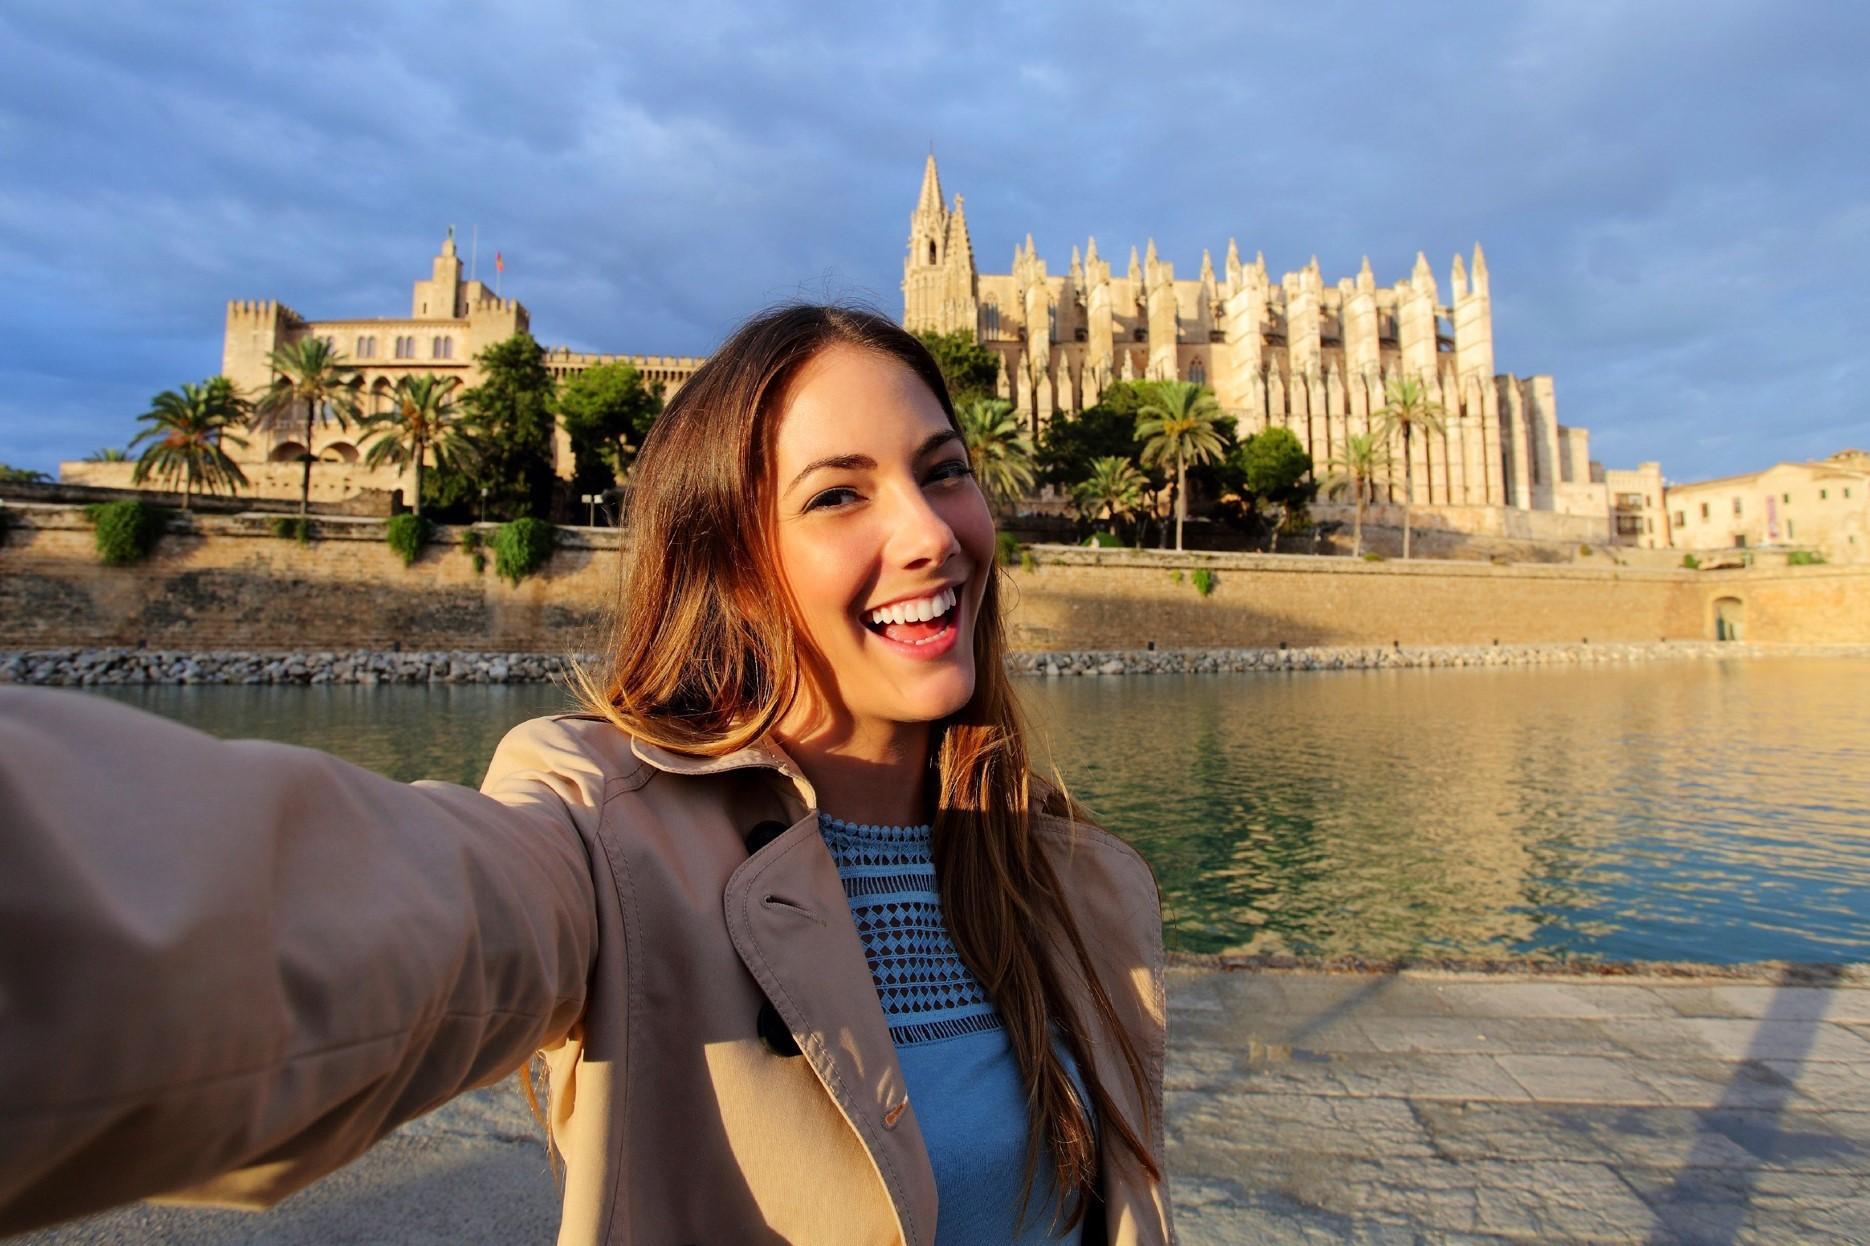 letv-le-1s-selfie